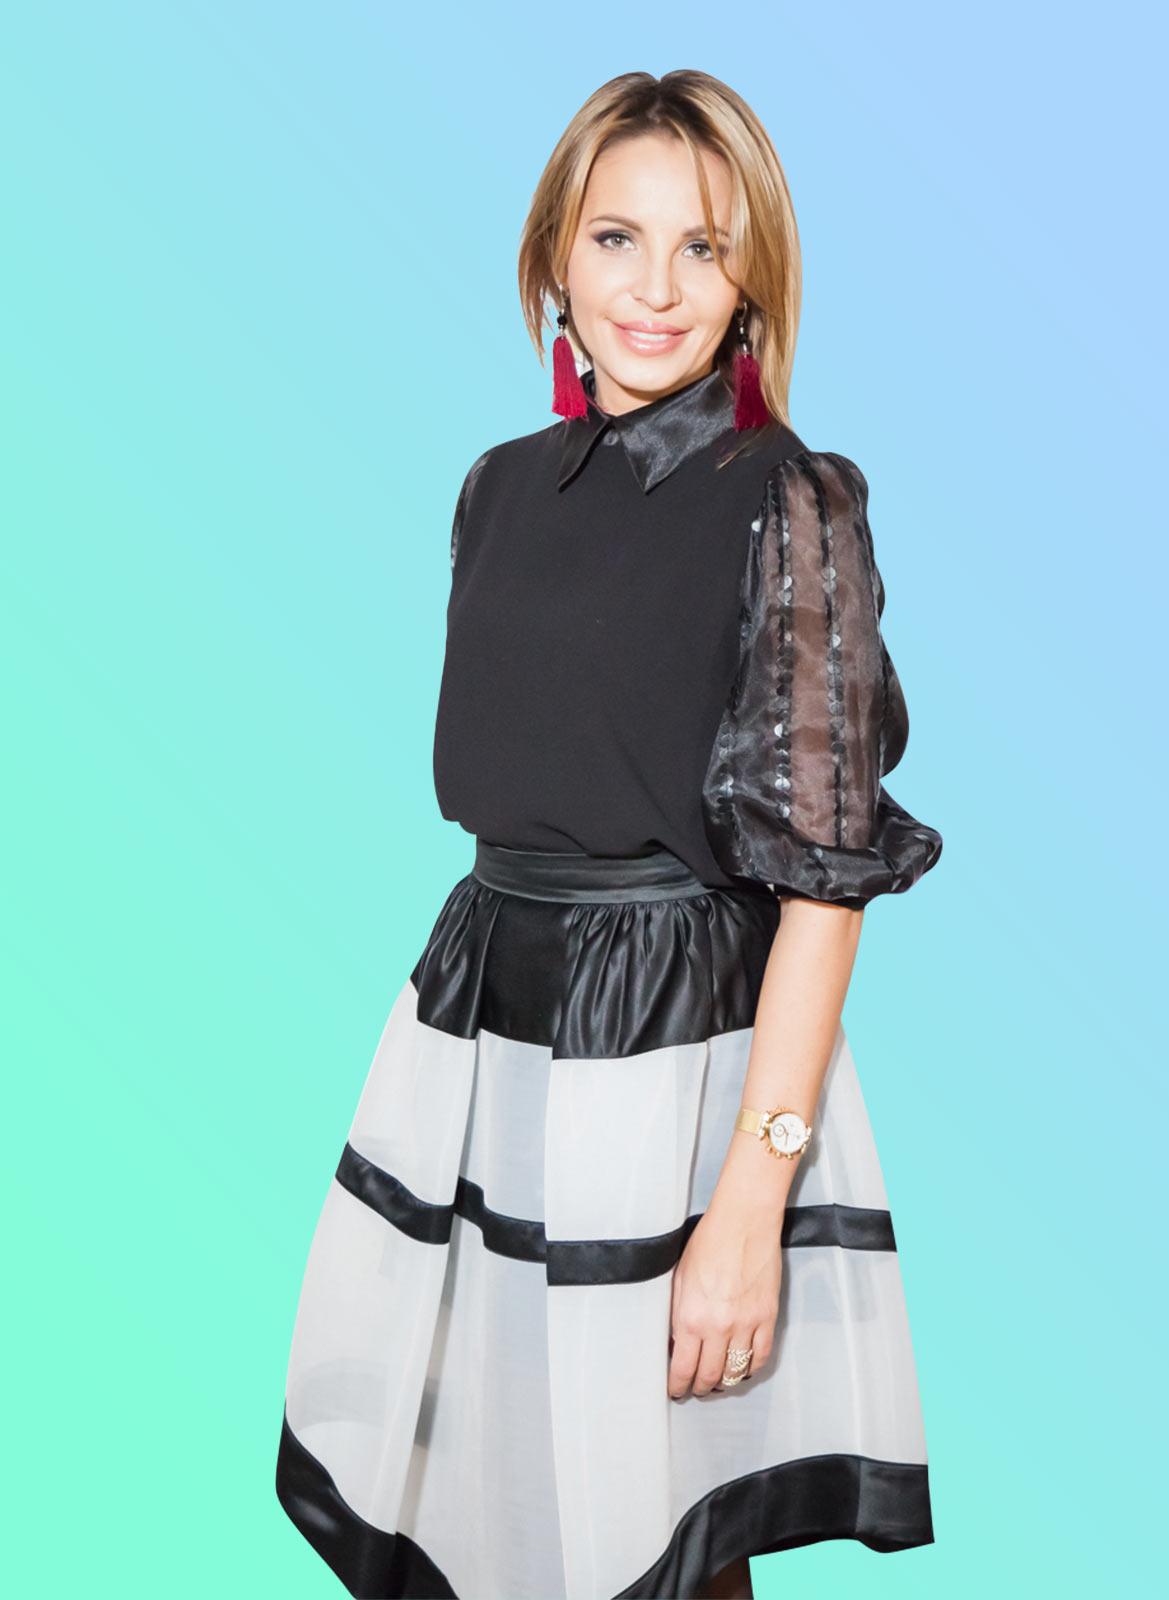 Елена Шерипова, руководитель телевизионной школы моделей Royal Model Agency